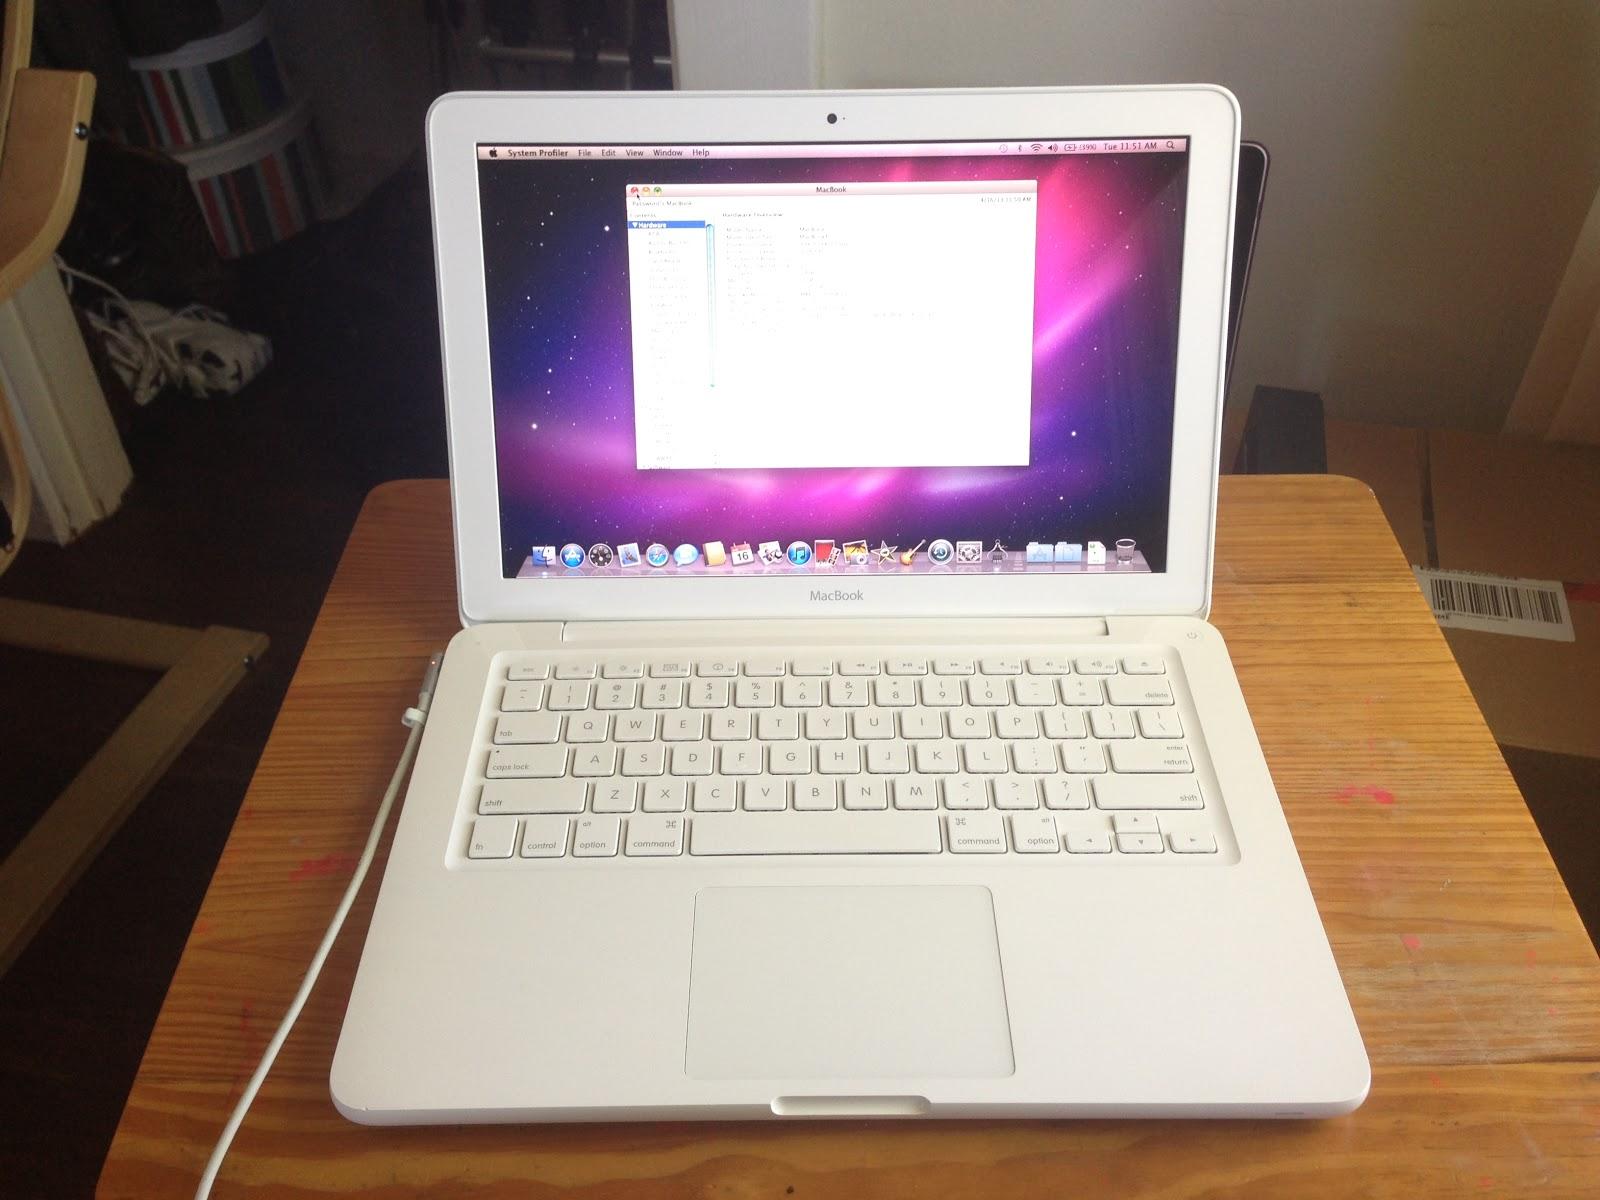 Macbook air 13 notebook,core 2 duo 186ghz,2gb ram,256gb ssd, mac os